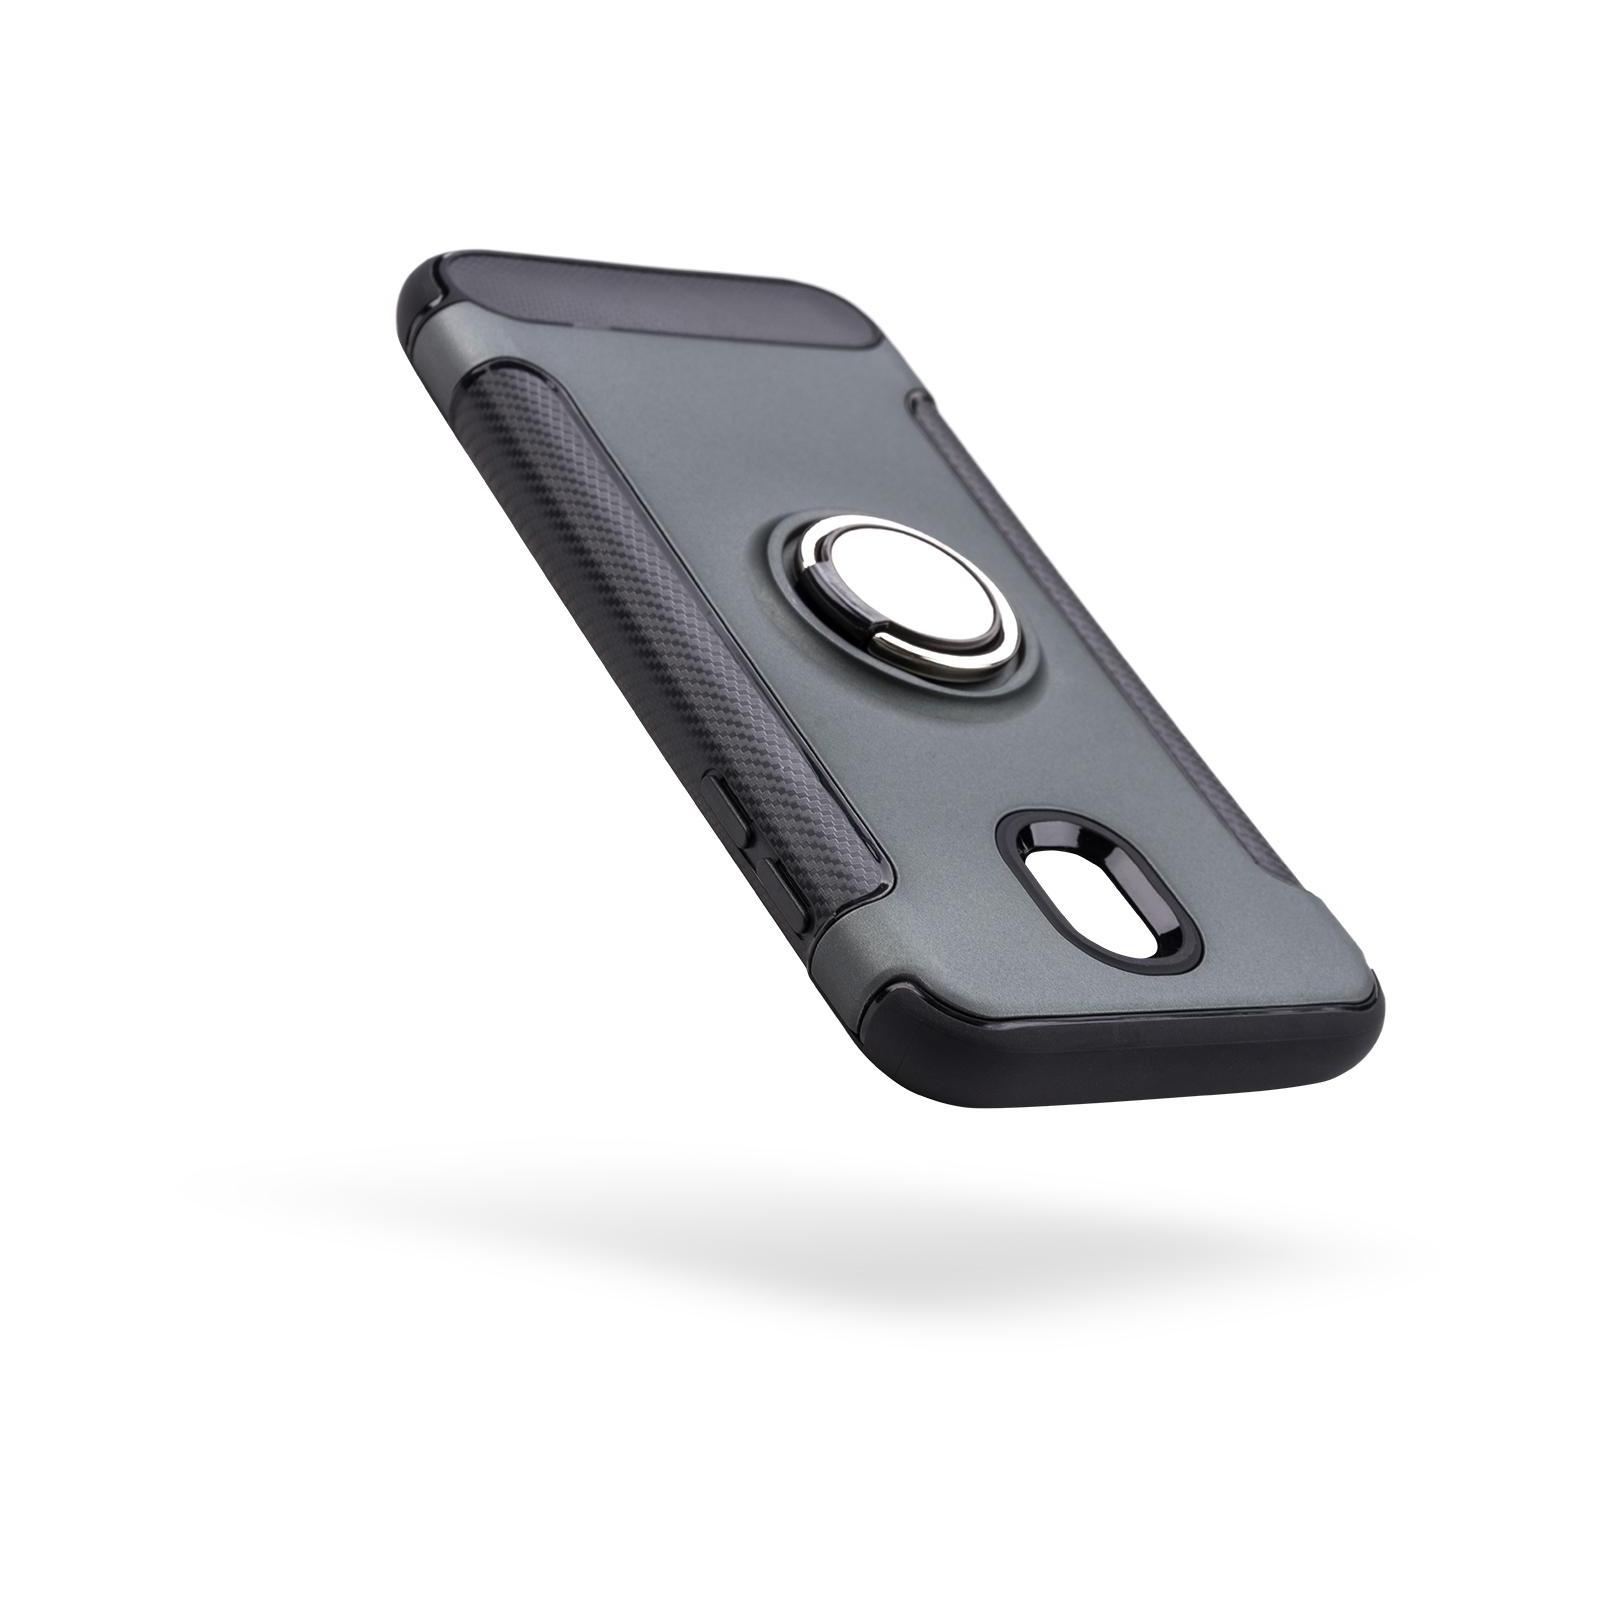 Чехол для моб. телефона Laudtec для Samsung J5 2017/J530 Ring stand (blue) (LR-J530-BL) изображение 7